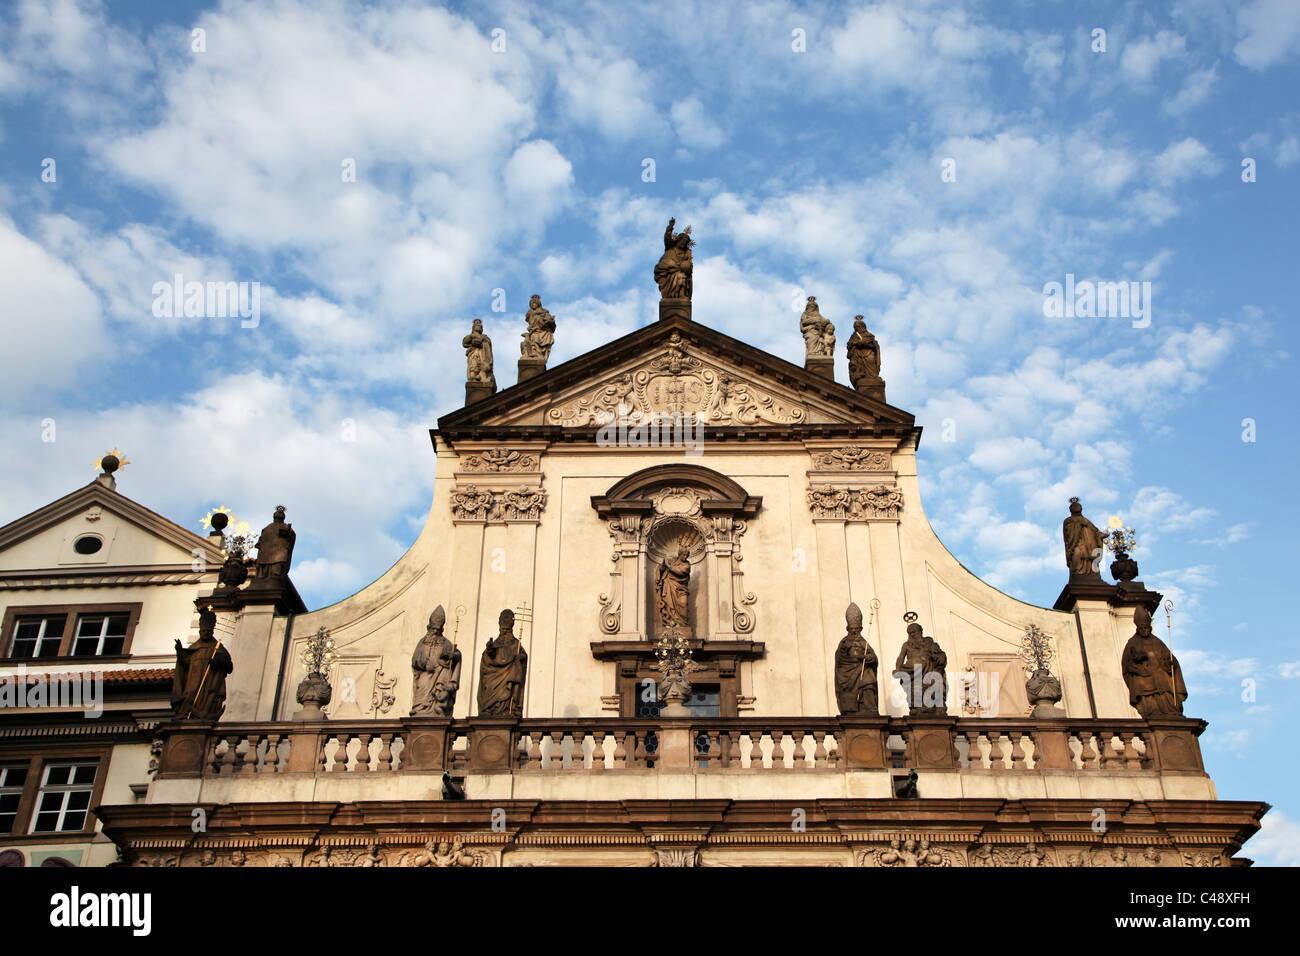 L'église du Saint Sauveur, Prague, République tchèque. Photo Stock